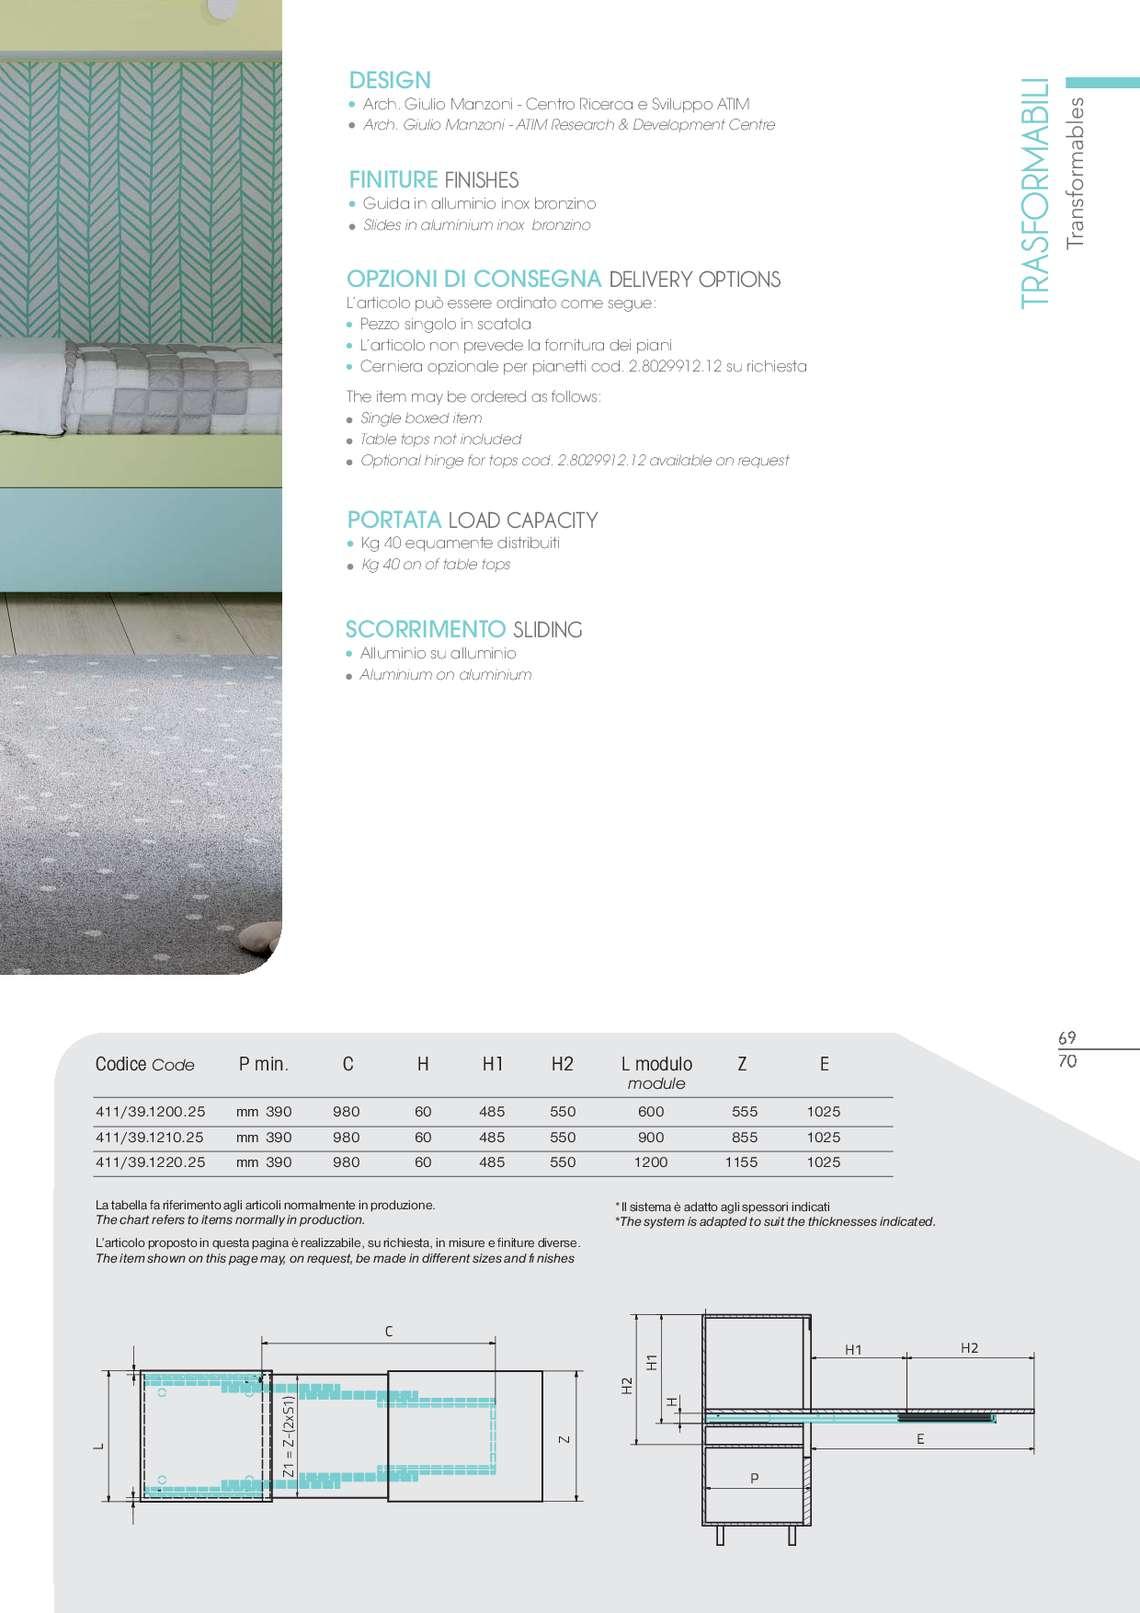 catalogo-trasformabili-atim_22_074.jpg